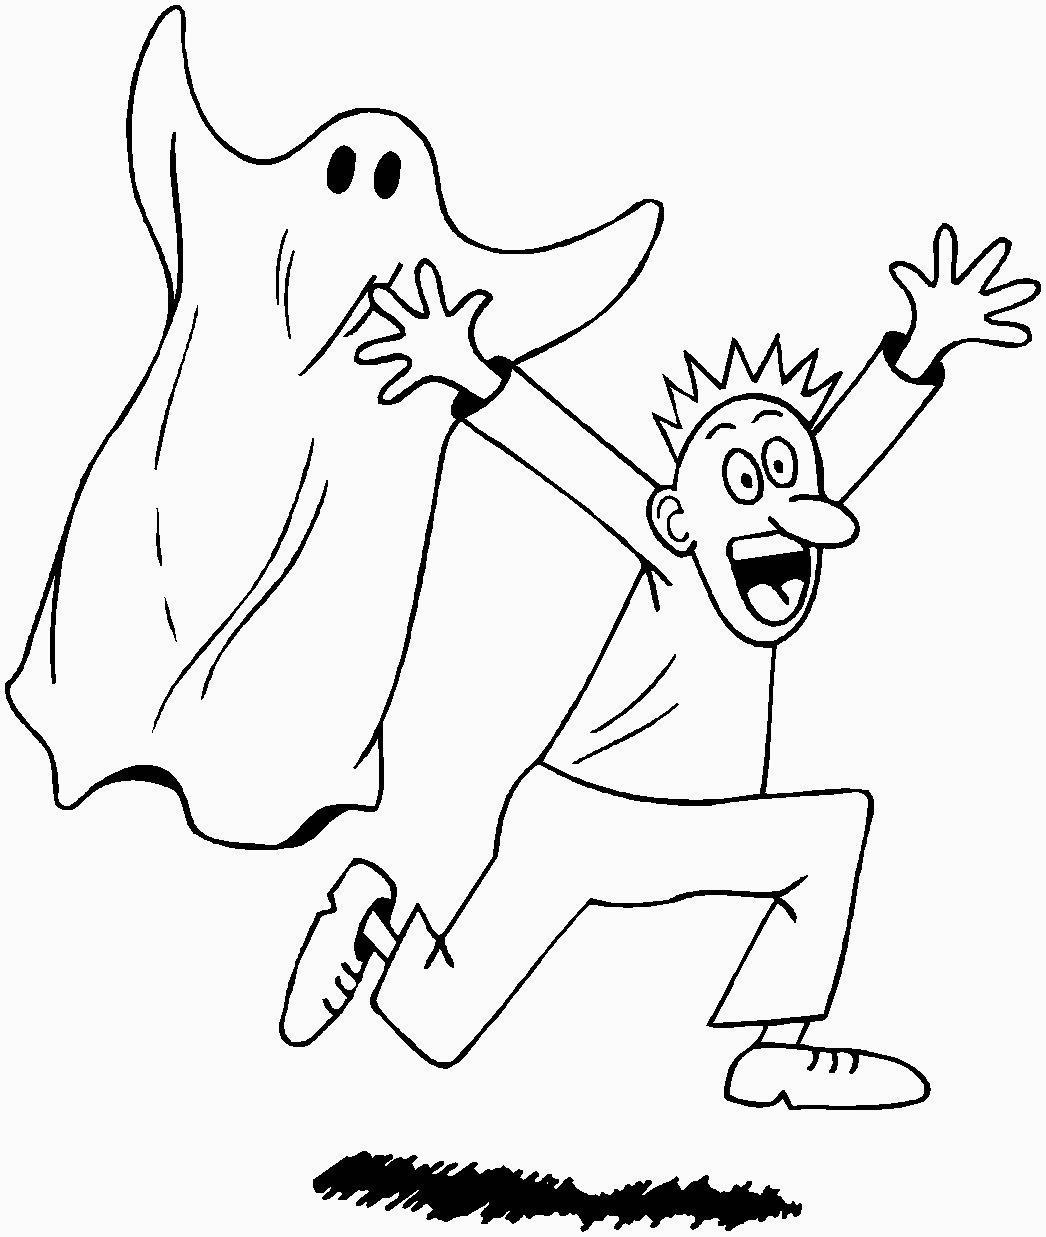 aiuto fantasma